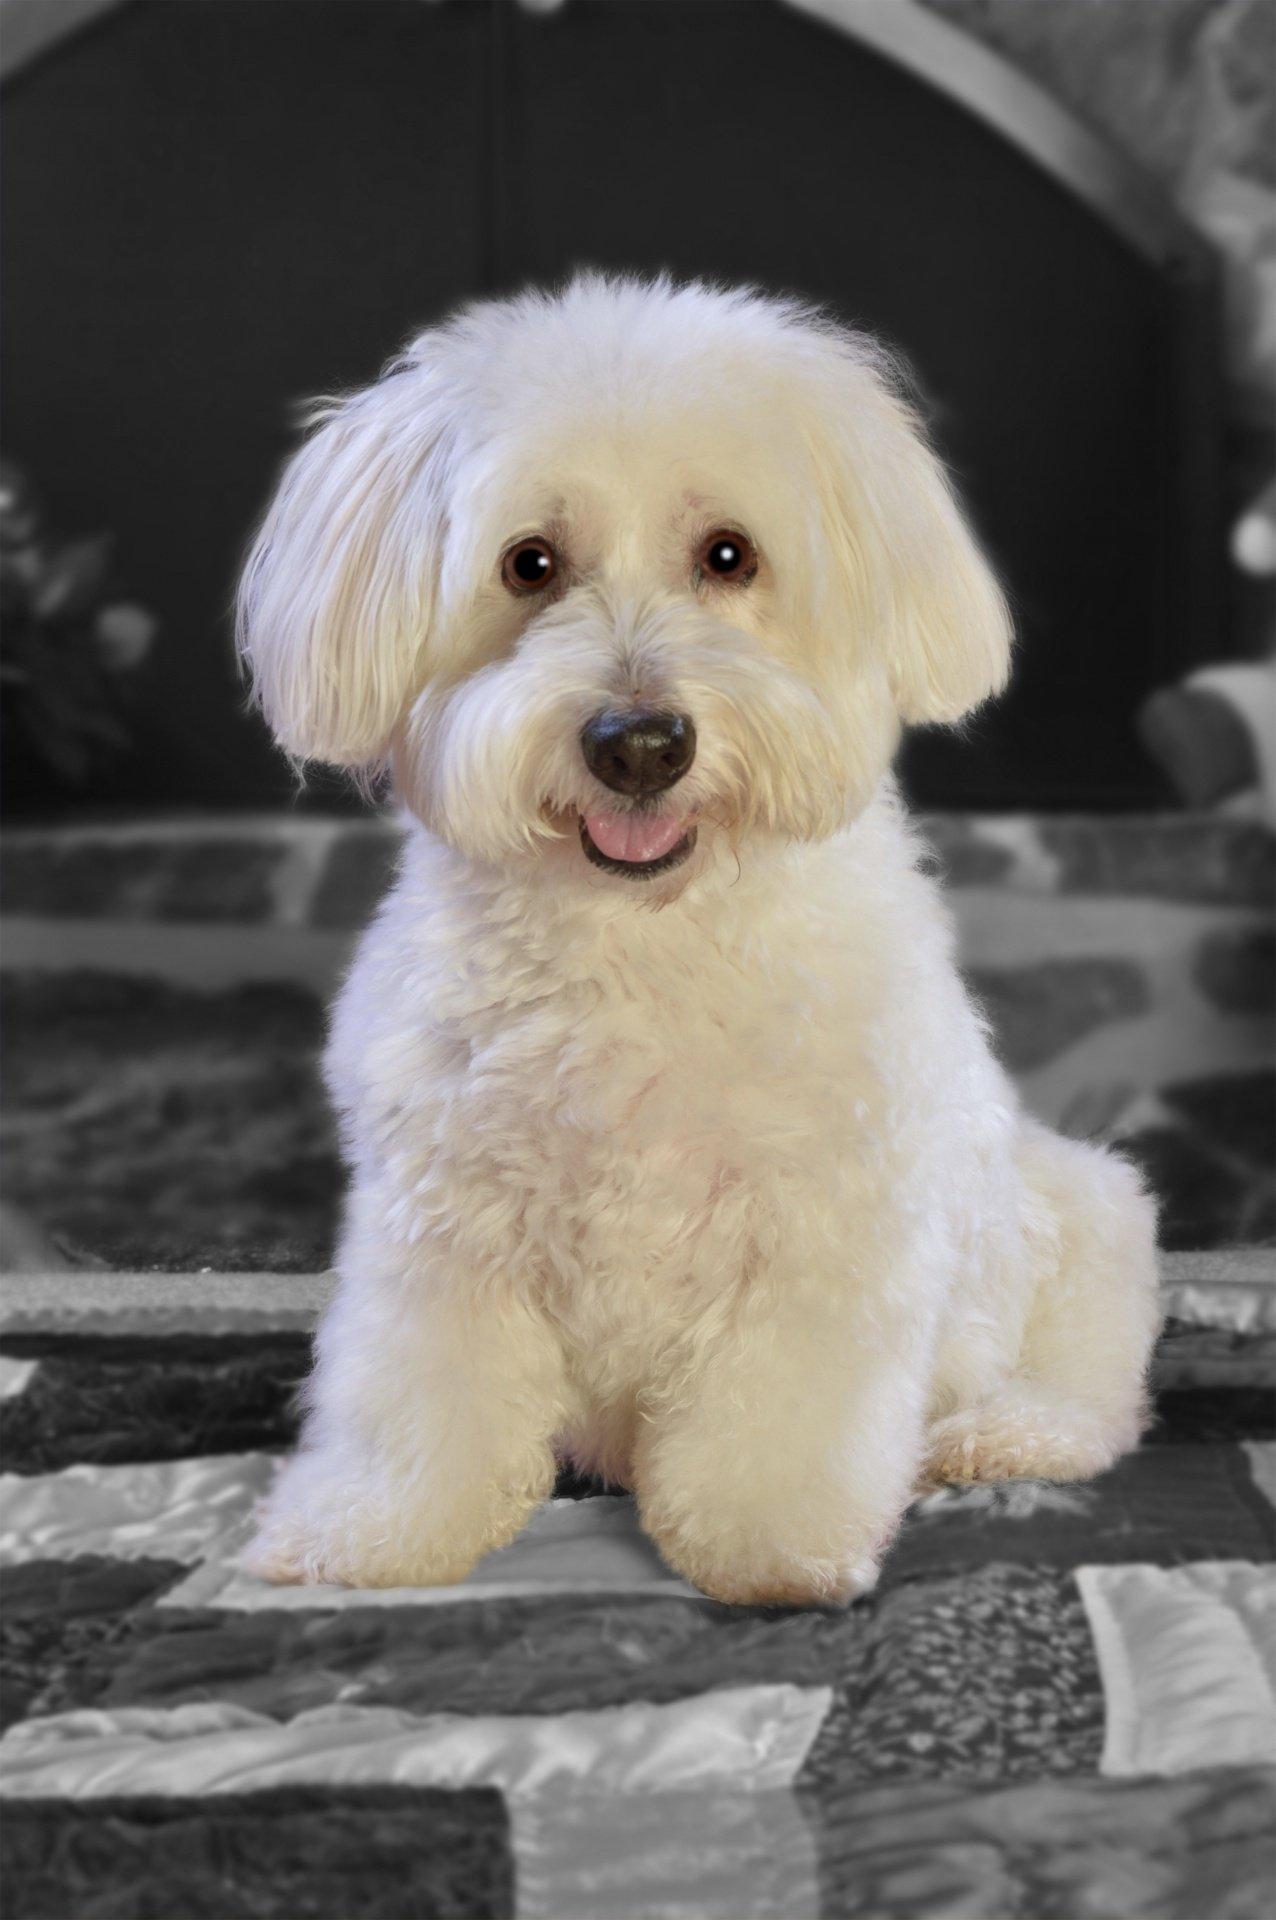 Perrito blanco de raza pequeña sentado sobre una colcha. | Imagen: Public Domain Pictures